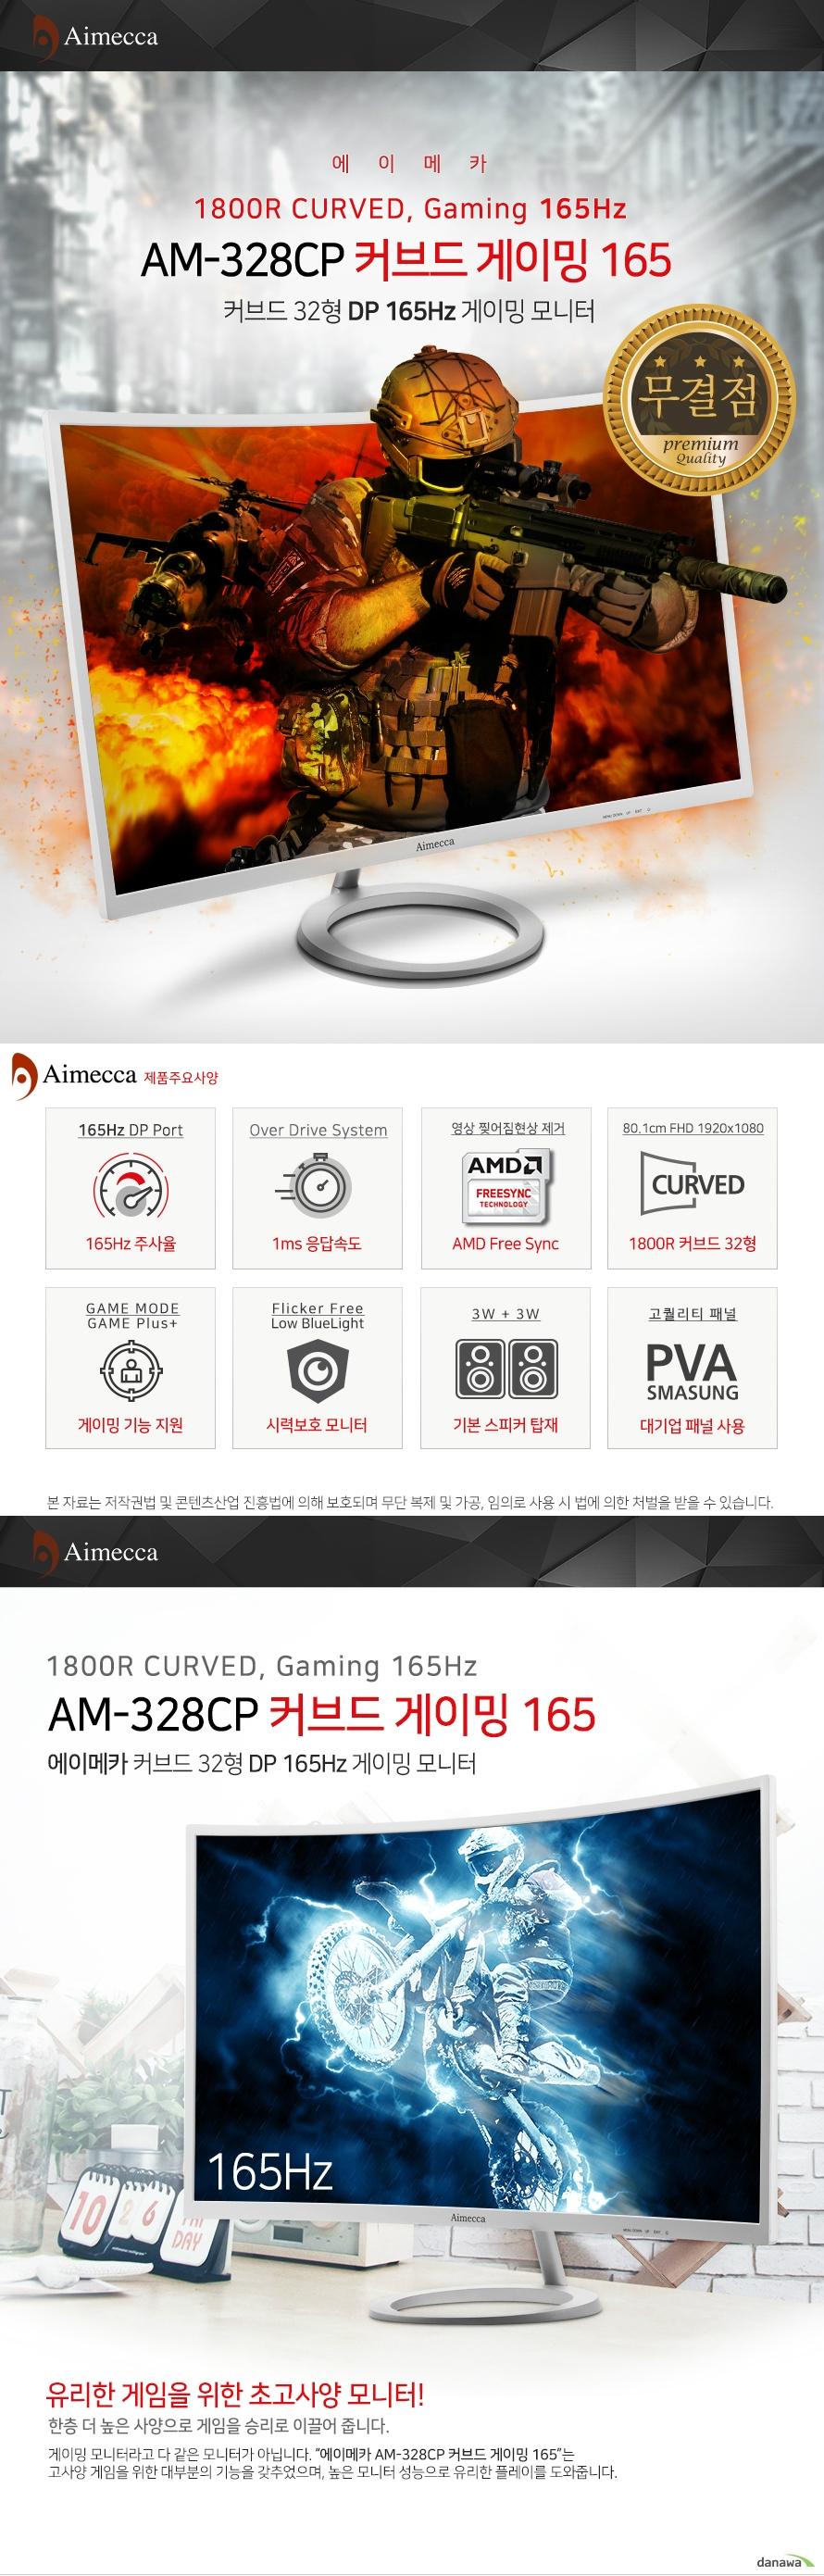 에이메카 AM-328CP 커브드 게이밍 165 커브드 32형 DP 165Hz 게이밍 모니터 AM-328CP 커브드 게이밍 165 제품주요사양 165Hz주사율/1ms(OD)응답속도)/AMD Free Sync/1800R 커브드 32형/게이밍기능지원/시력보호모니터/기본스피커탑재/대기업패널사용 유리한 게임을 위한 초고사양 모니터 DP포트 지원으로 Real 165Hz 지원 DP포트 1개를 지원하며 DP 연결시 진정한 165Hz 고주사율을 즐길 수 있습니다. DP/HDMI 단자 지원 DP단자 1개와 HDMI단자 2개를 지원하여 다양한 기기와 연결이 가능합니다. DP단자 연결시 165Hz주사율을 사용할 수 있으며, HDMI연결시 120Hz주사율을 지원합니다. 게임모드/게임플러스 게임에 따라 화면의 명암 및 색감을 자동으로 조절해 주는 게임모드롸 화면에 조준점을 표시해 주는 게임 플러스 기능으로 게임플레이 최적의 환경을 만들어 보세요